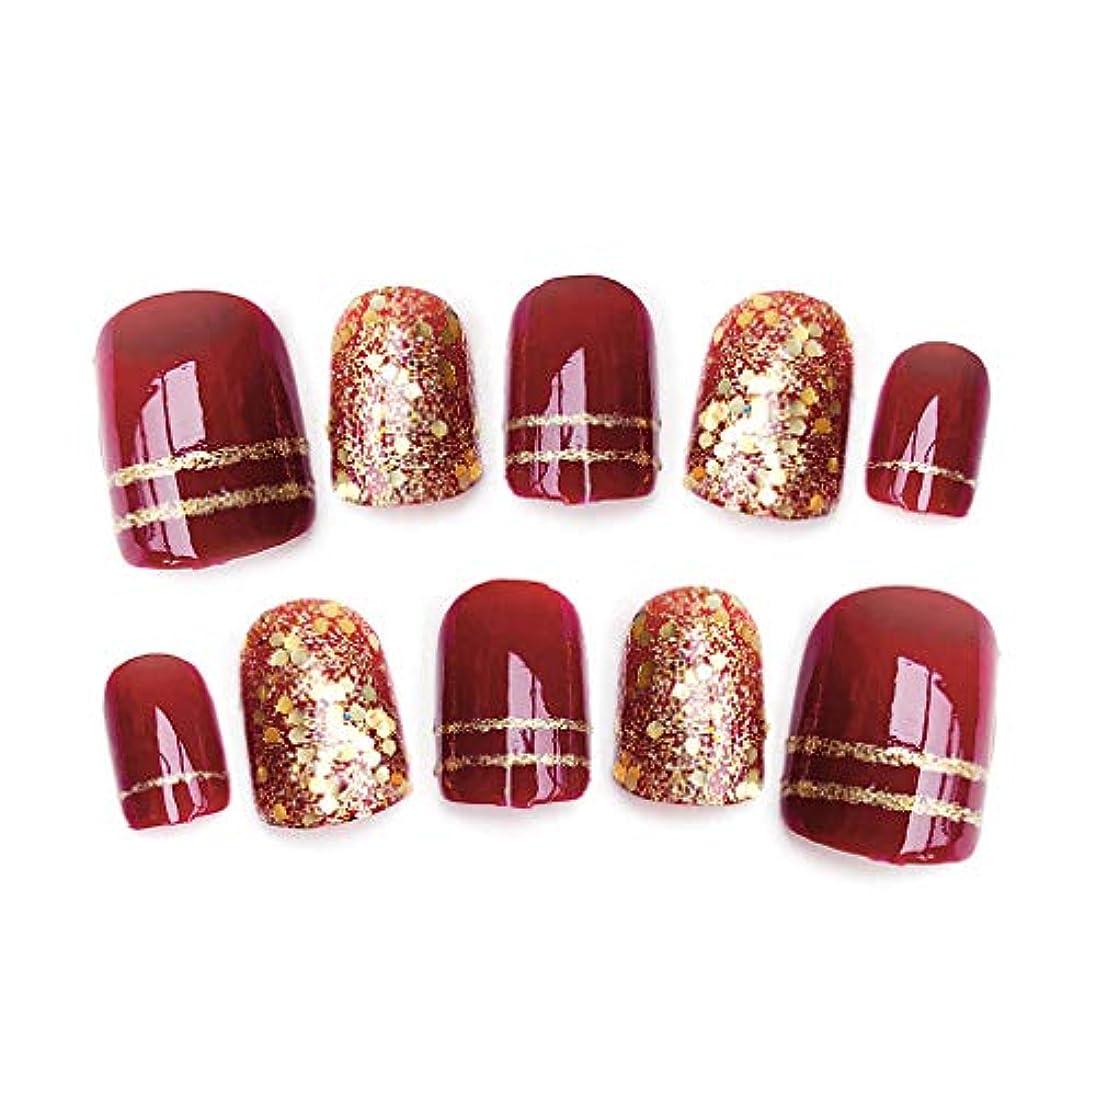 血差別和解するSharring 24pcs光沢のある赤い偽の指の爪光沢のある花嫁結婚式ショートデザイン偽ネイルアートのヒント [並行輸入品]